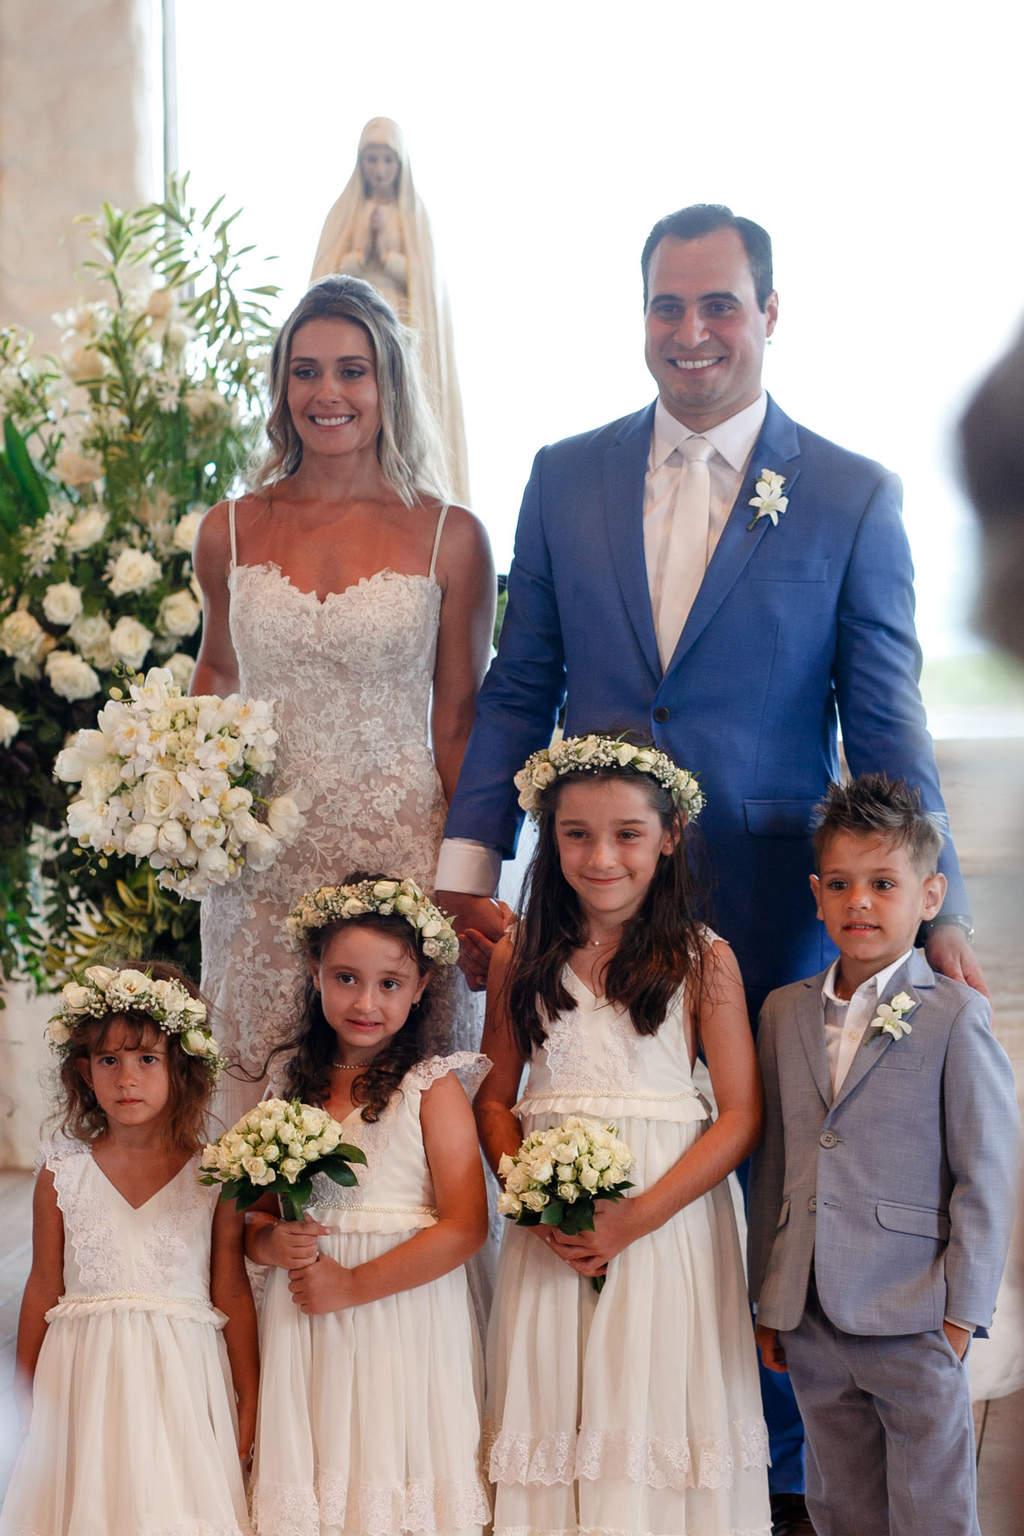 AL-Aline-e-Mauricio-capela-dos-milagres-casamento-casamento-na-praia-cerimonia-na-igreja-damas-daminhas-noivos-na-igreja-pajem94-1